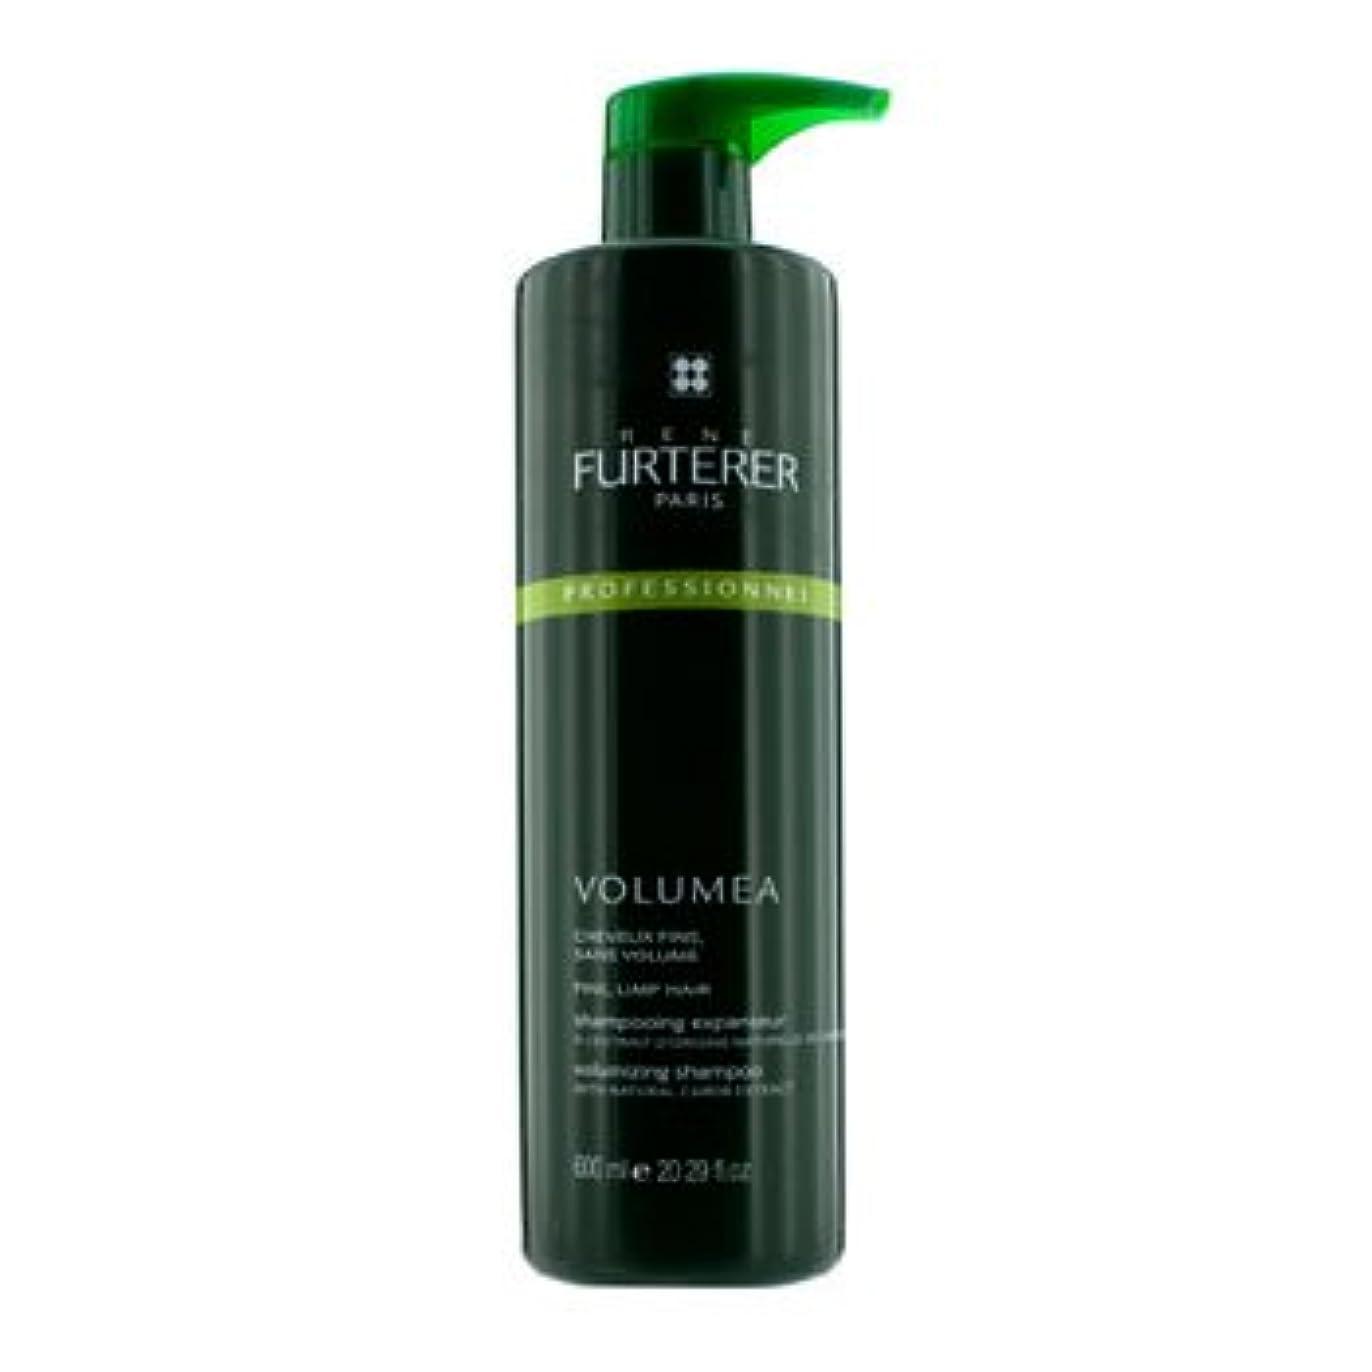 虐殺プロジェクター日曜日[Rene Furterer] Volumea Volumizing Shampoo (For Fine and Limp Hair) 600ml/20.29oz